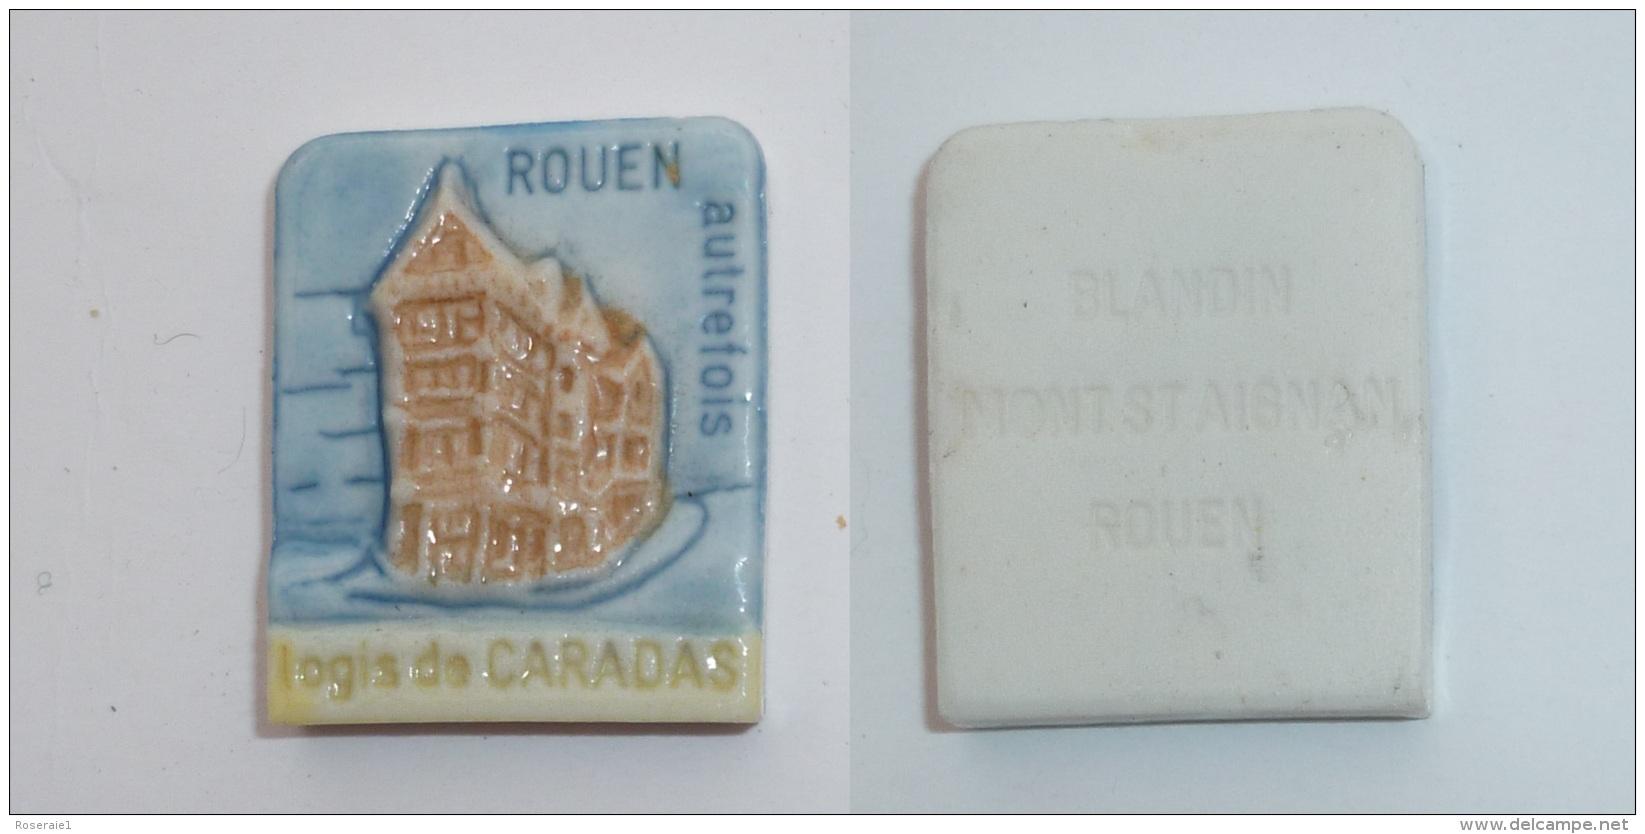 FEVE ROUEN AUTREFOIS, LOGFIS DE CARADAS, Signe BLANDIN à MONT ST AIGNAN - Région